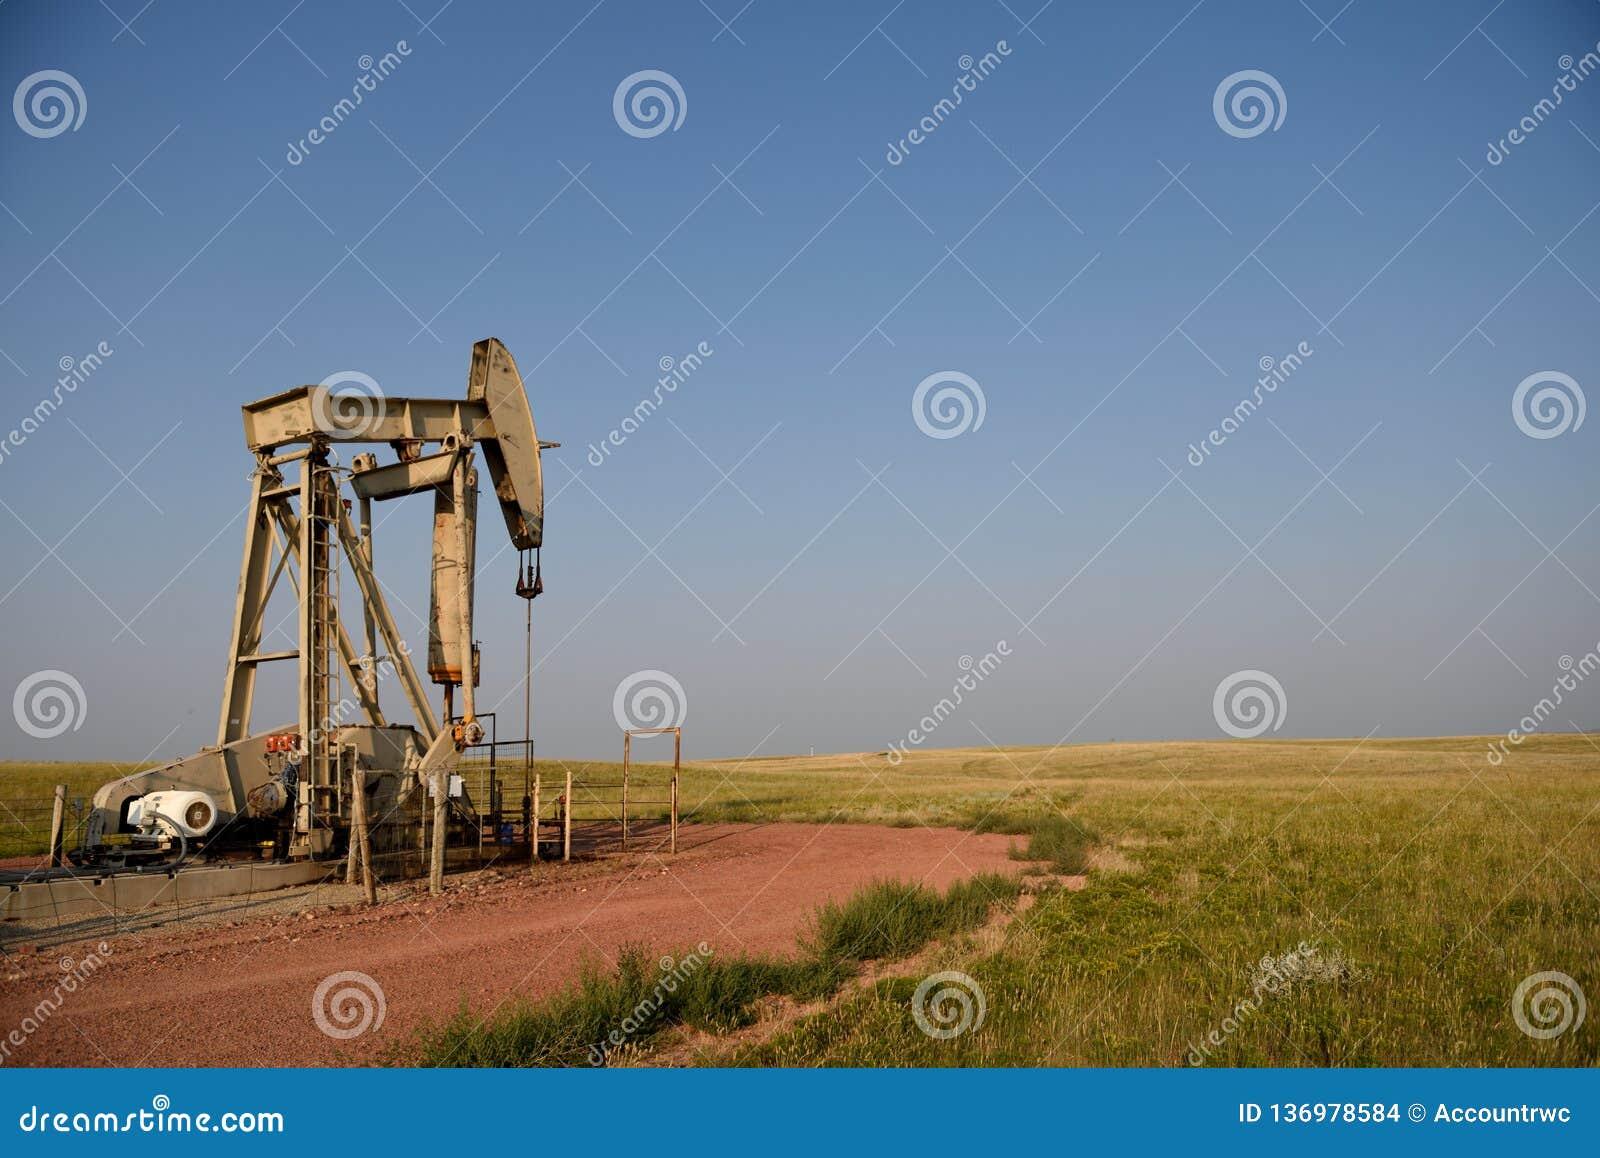 Jaque da bomba de óleo bruto na bacia hidrográfica do pó